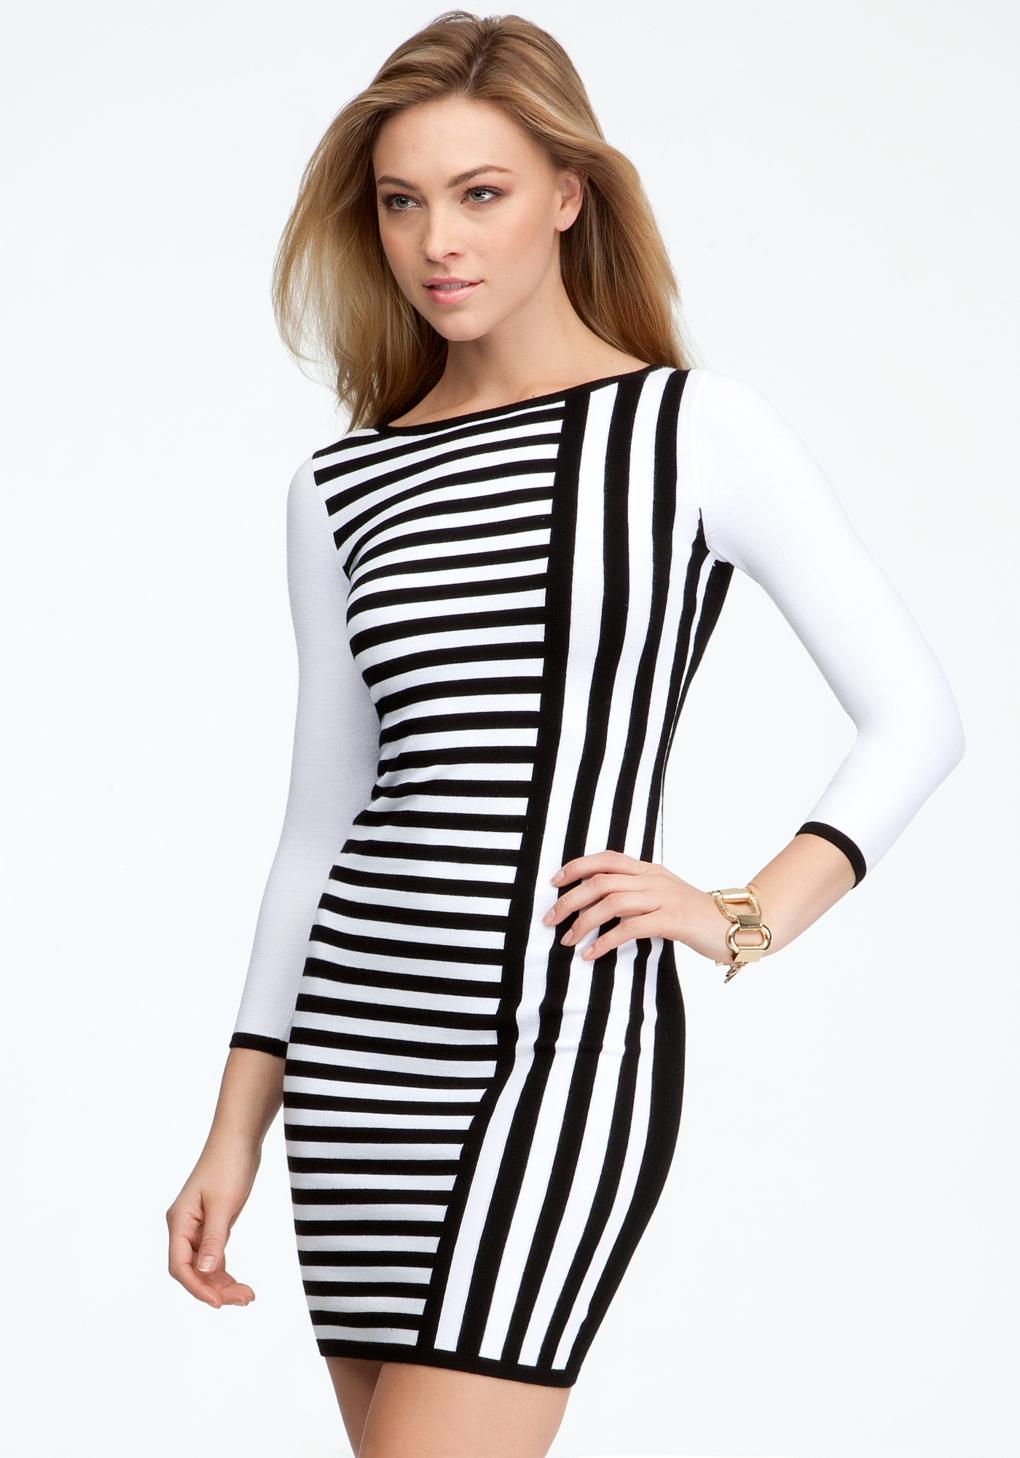 d2f307687f3 Lyst - Bebe Contrast Stripe Sweater Dress in White